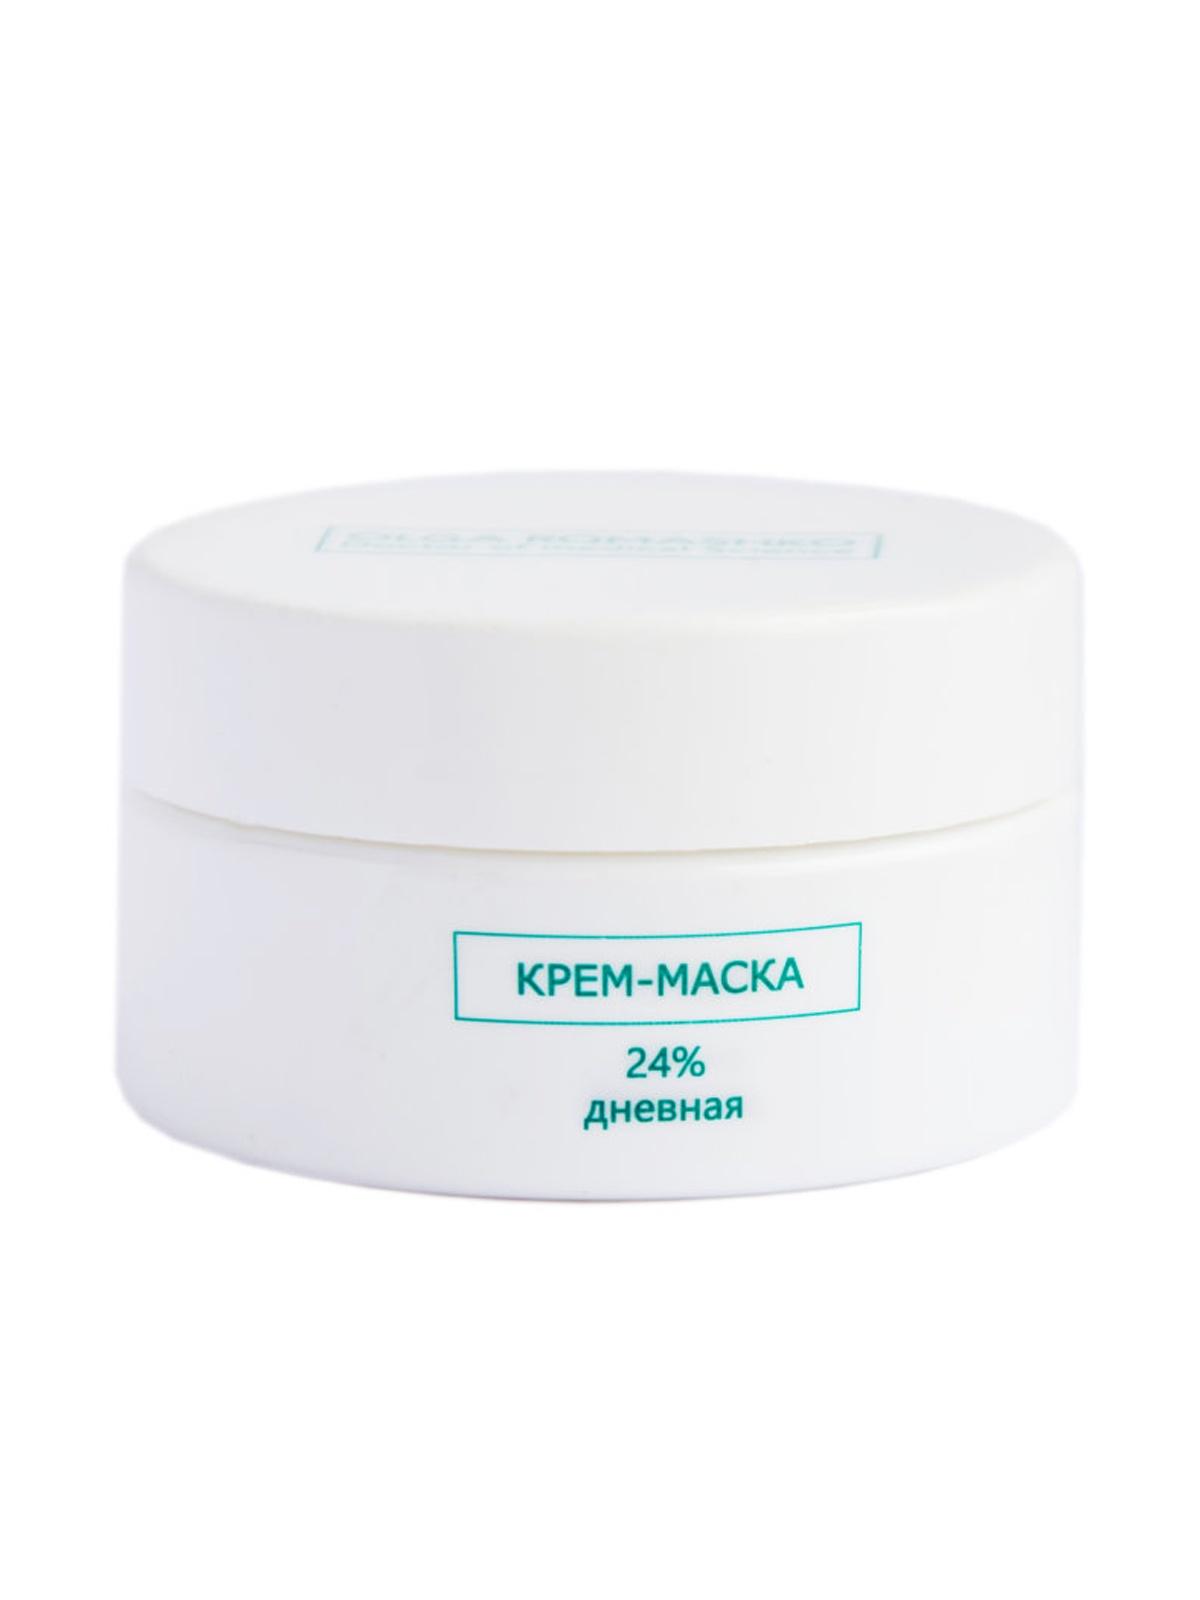 Крем-маска 24% Нежная, тающая текстура позволяет использовать эту маску для дневного...